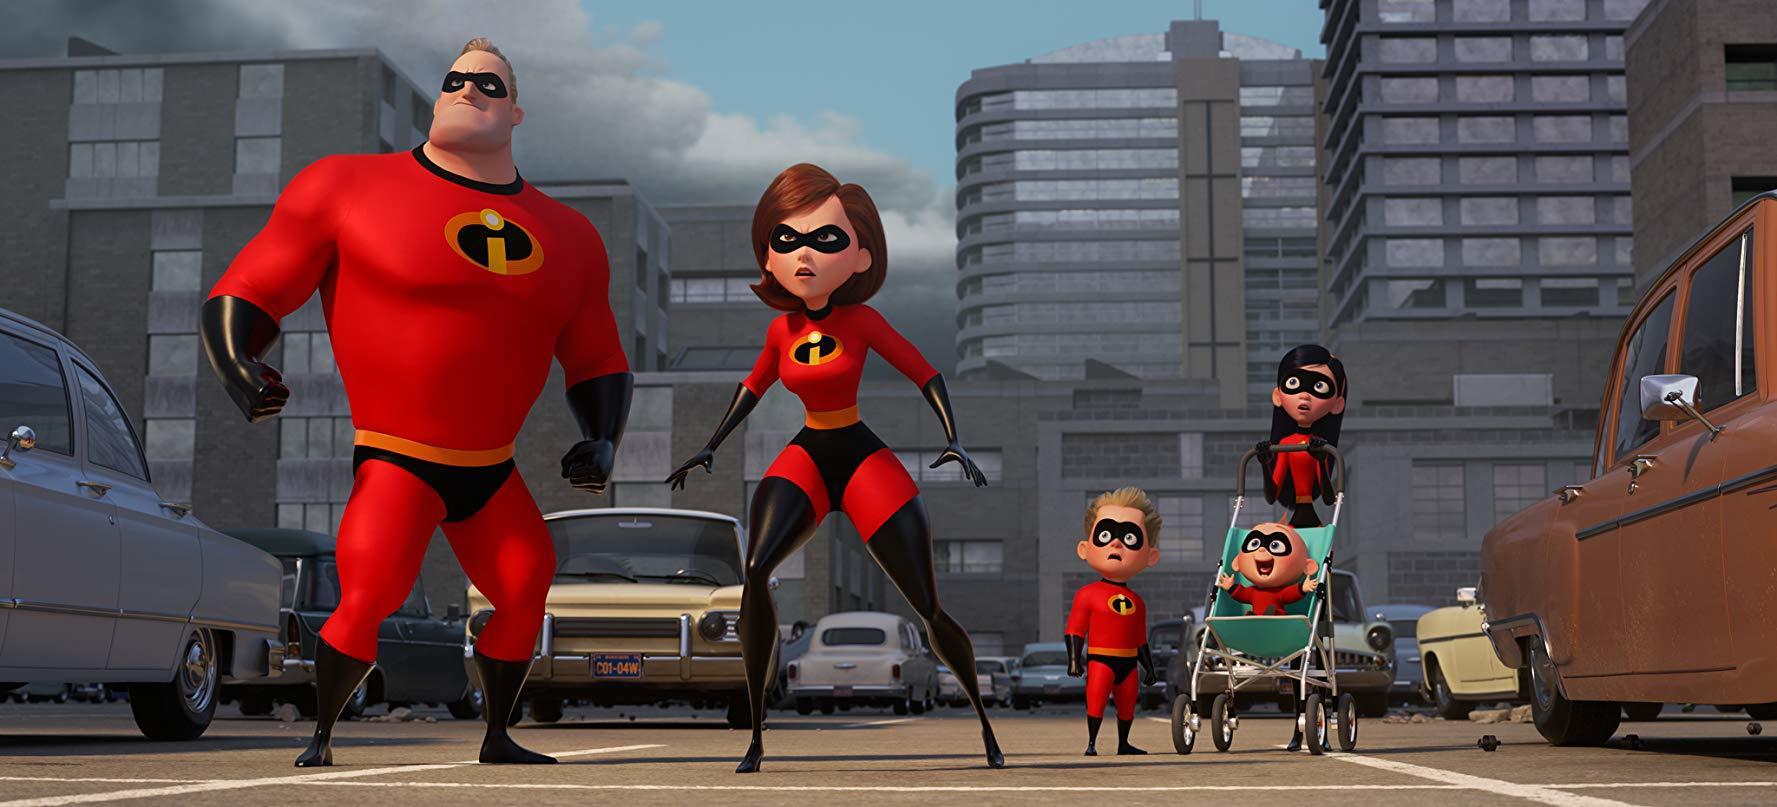 Úžasňákovi 2: Tohle není film pro děti, zlobí se režisér   Fandíme filmu